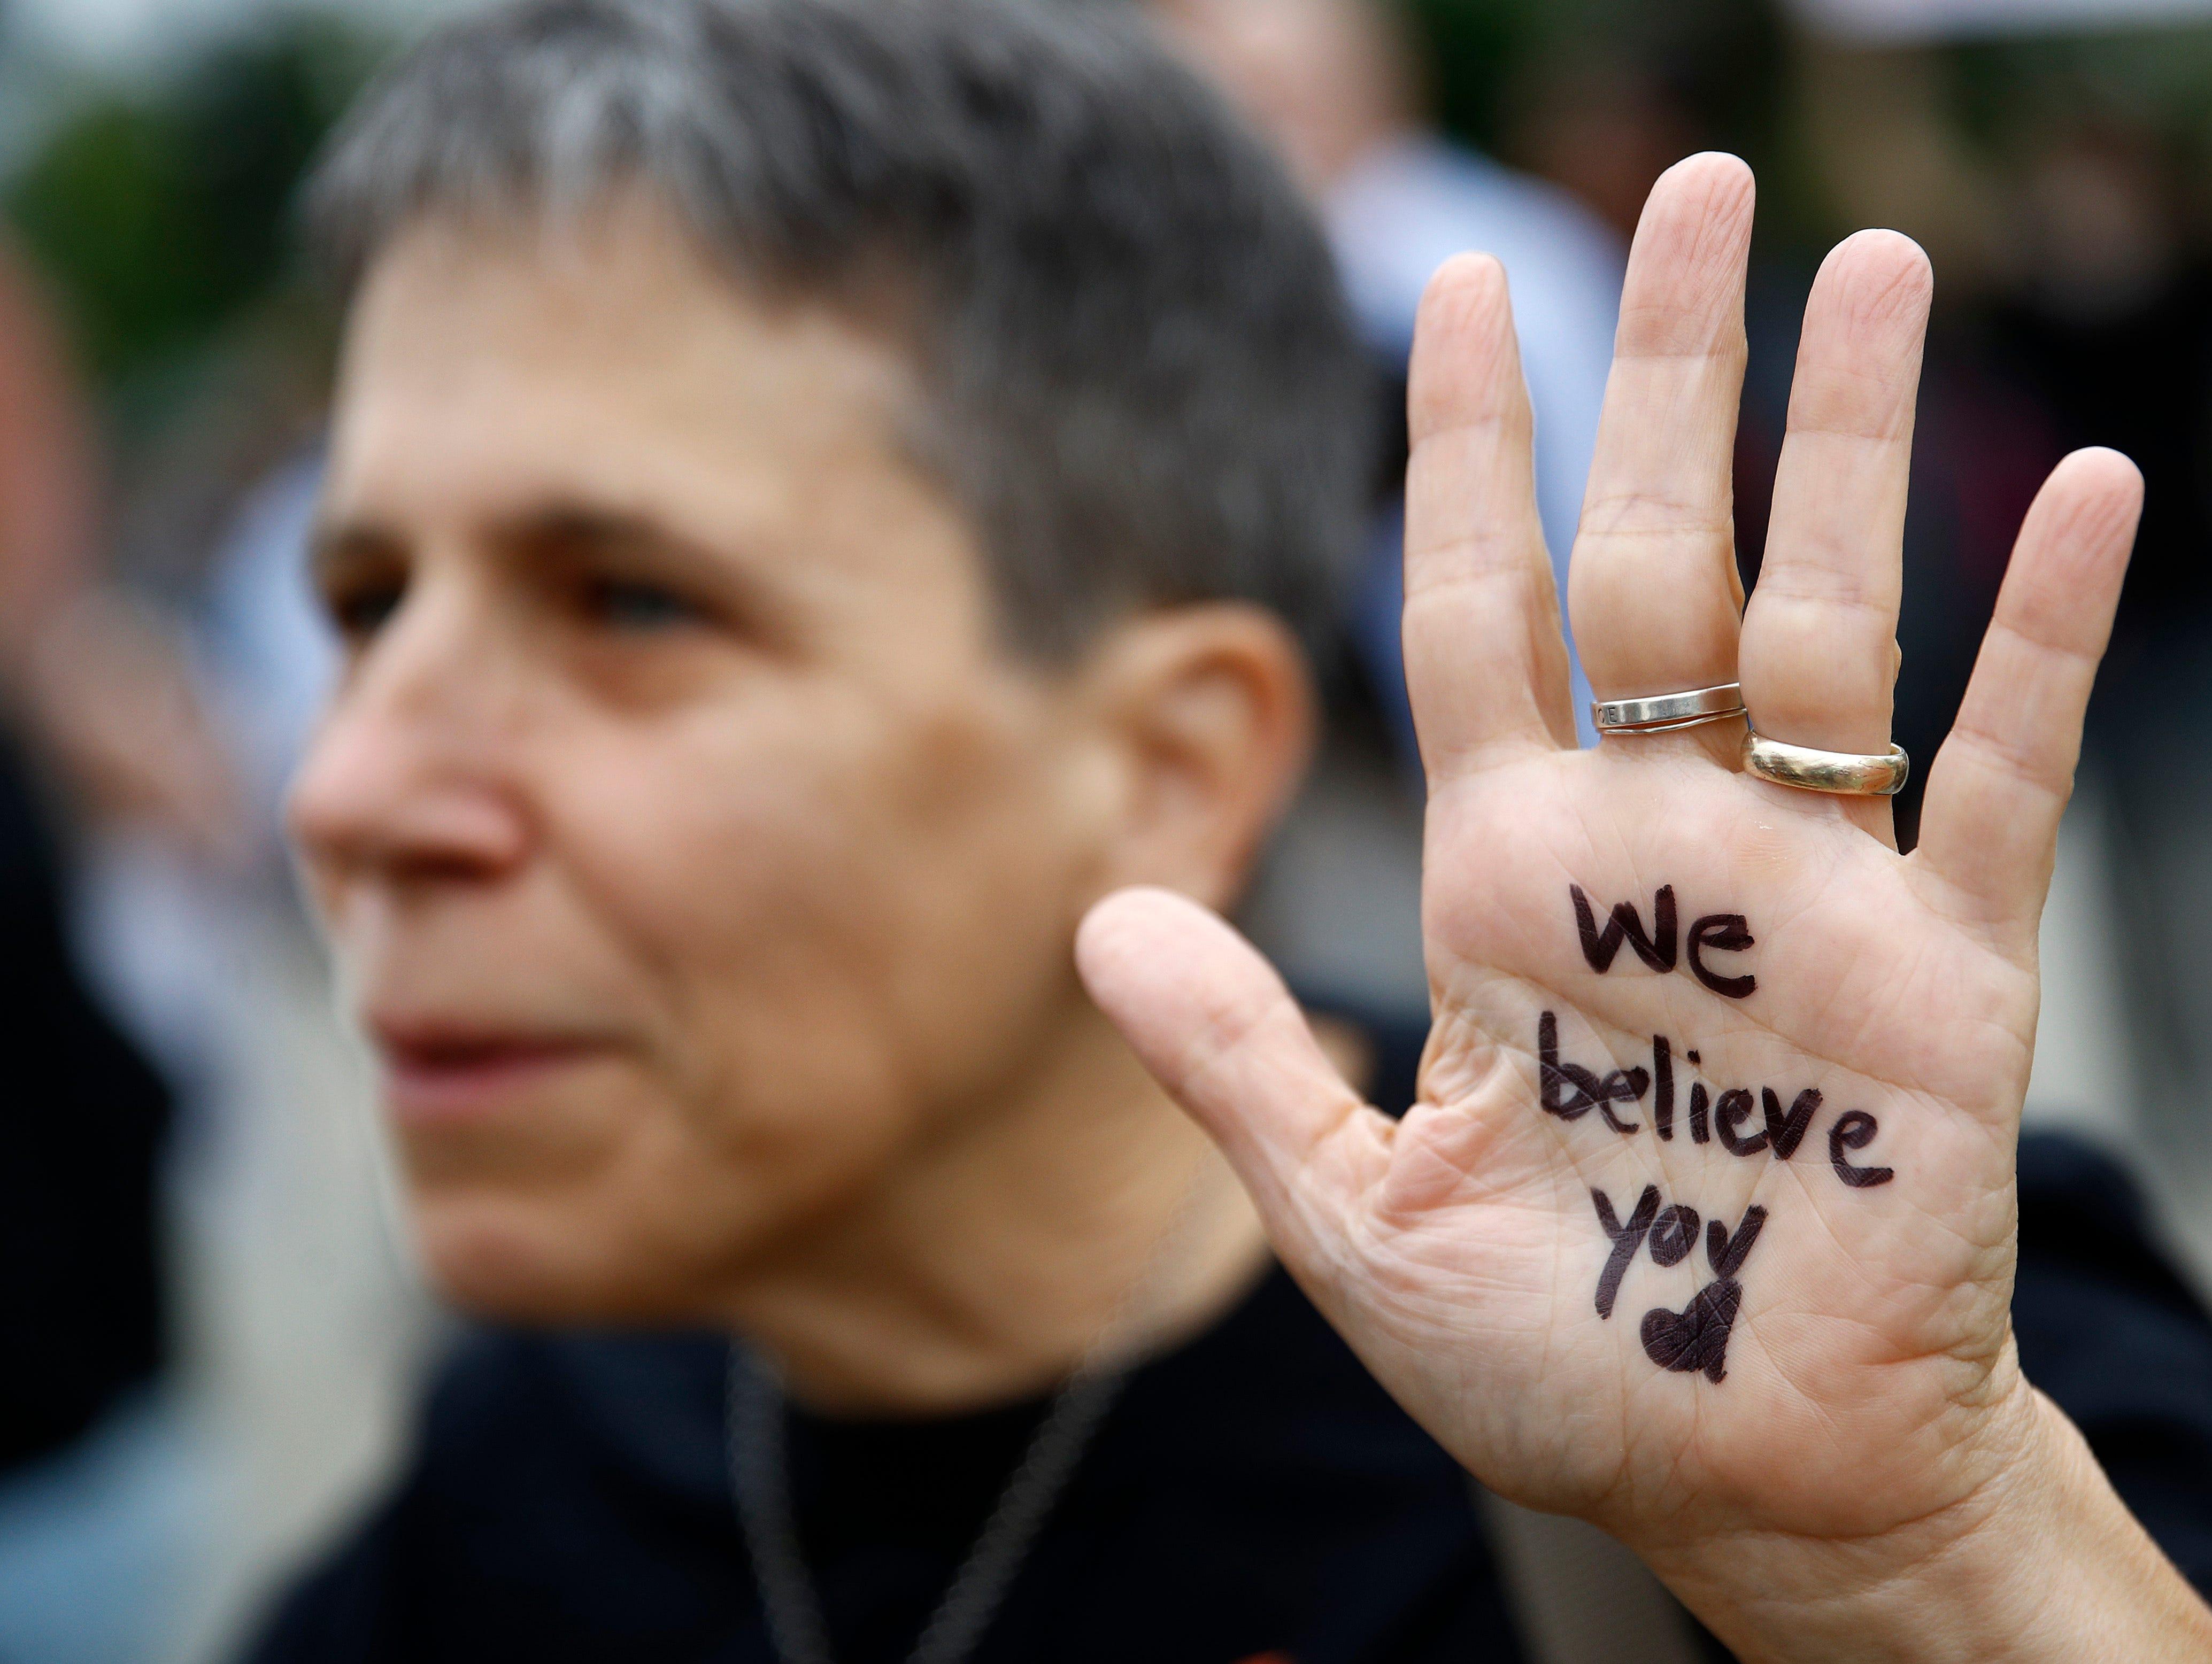 """Christine Blasey Ford habló el jueves 27 de septiembre, 2018 en una audiencia sobre sus denuncias de agresión sexual contra el postulado a la Corte Suprema Brett Kavanaugh. Con voz quebrada, se refirió a Kavanaugh como """"el chico que me agredió sexualmente"""".  Dijo que el ataque está grabado en su memoria y siempre la ha acosado."""